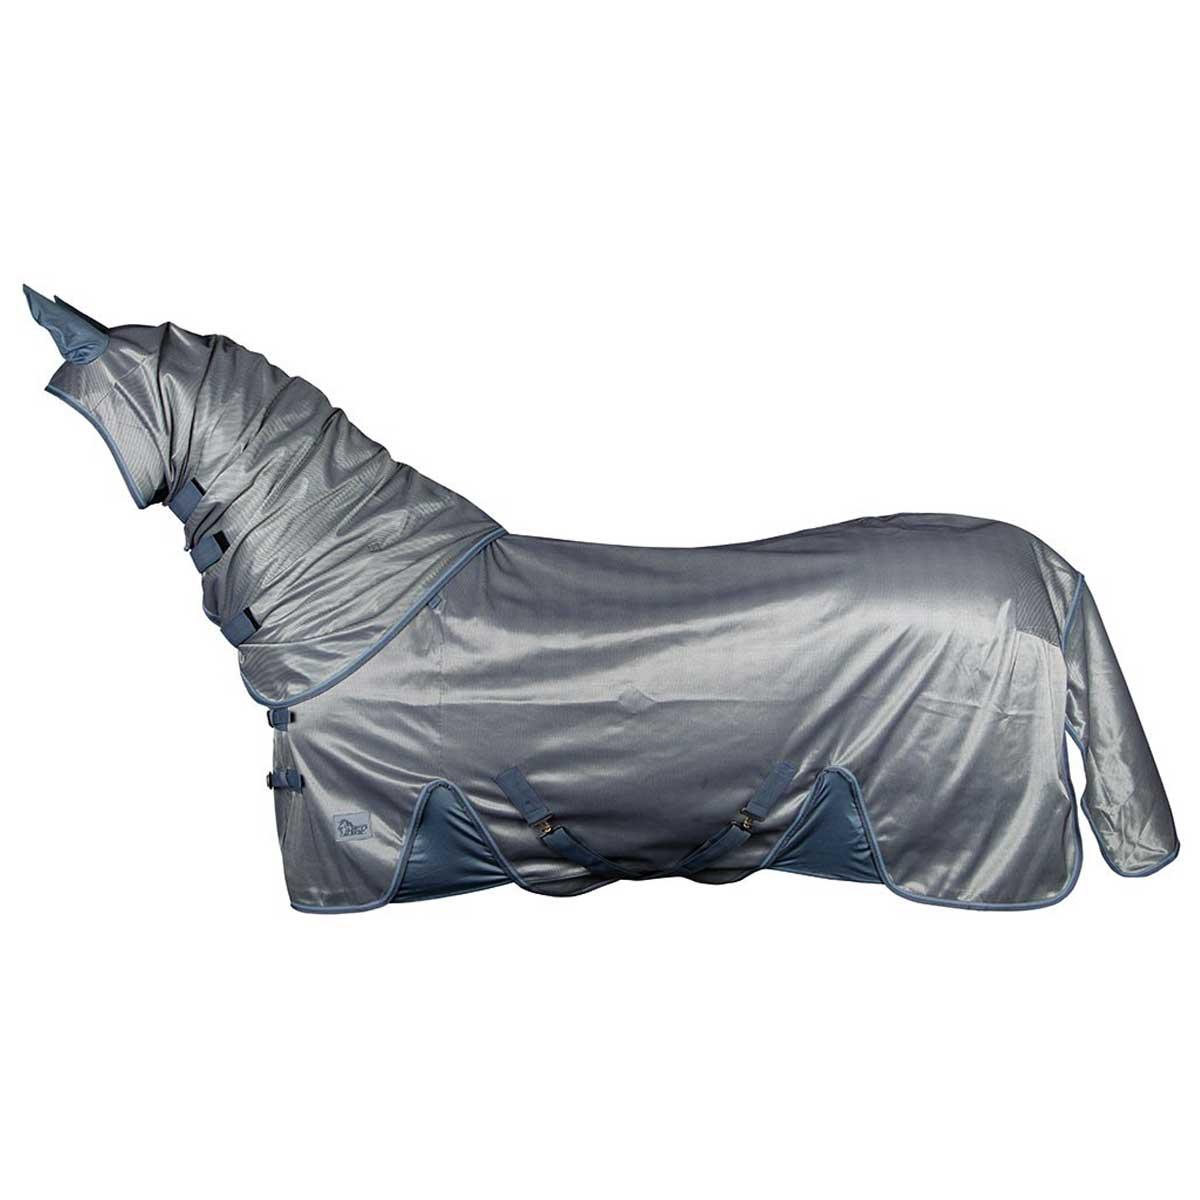 Harrys Horse Mesh Reflective vliegendeken lichtblauw maat:185